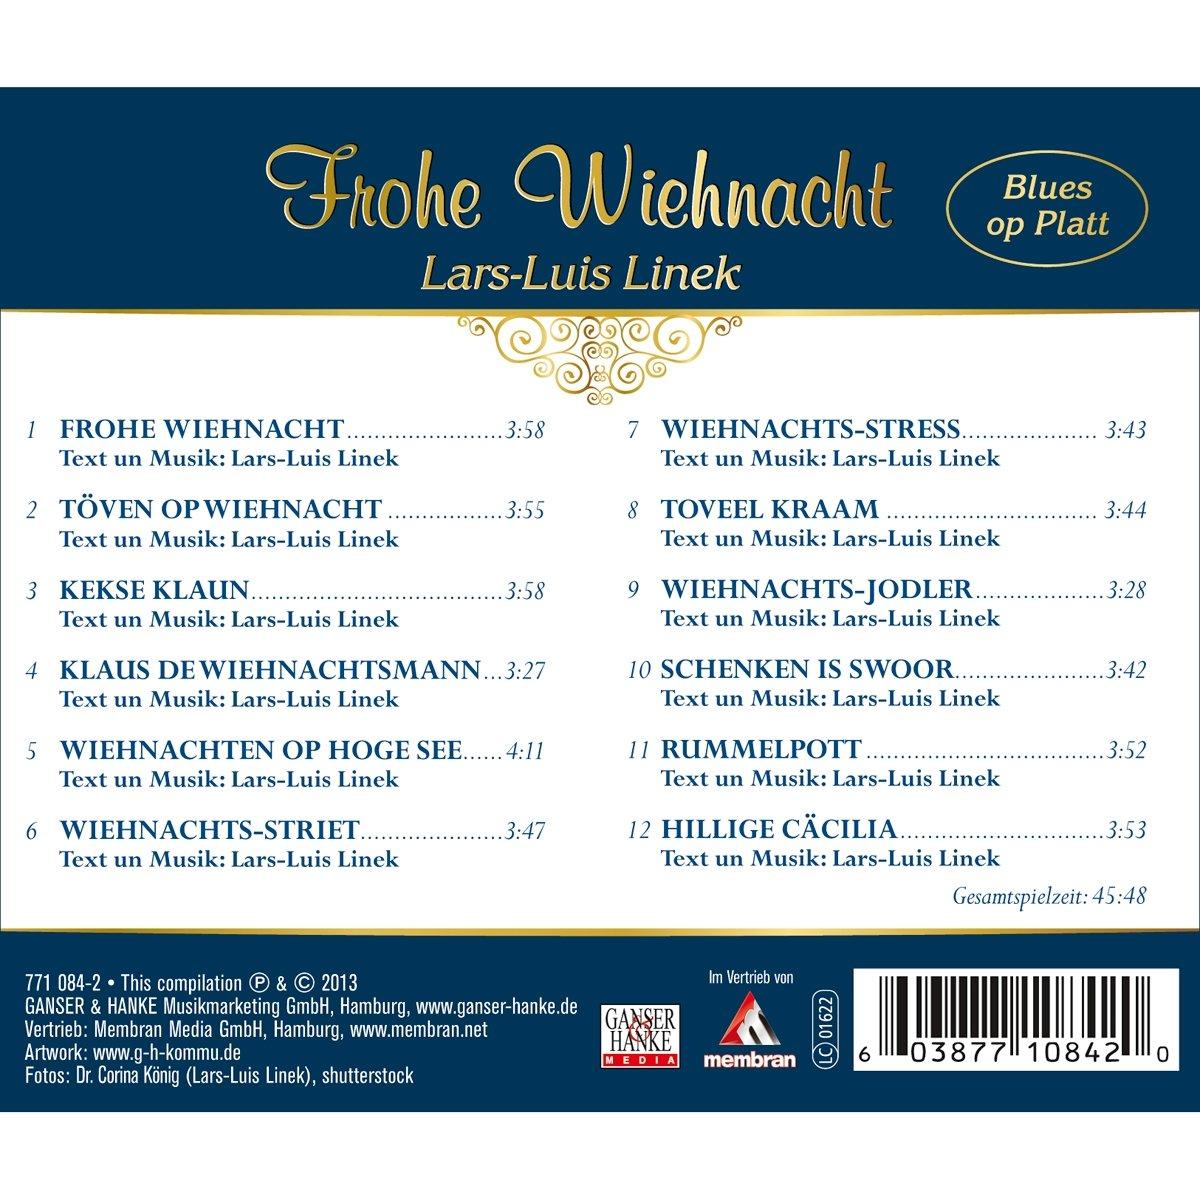 Frohe Weihnachten Plattdeutsch.Frohe Wiehnacht Blues Op Platt Plattdeutsche Weihnachtslieder